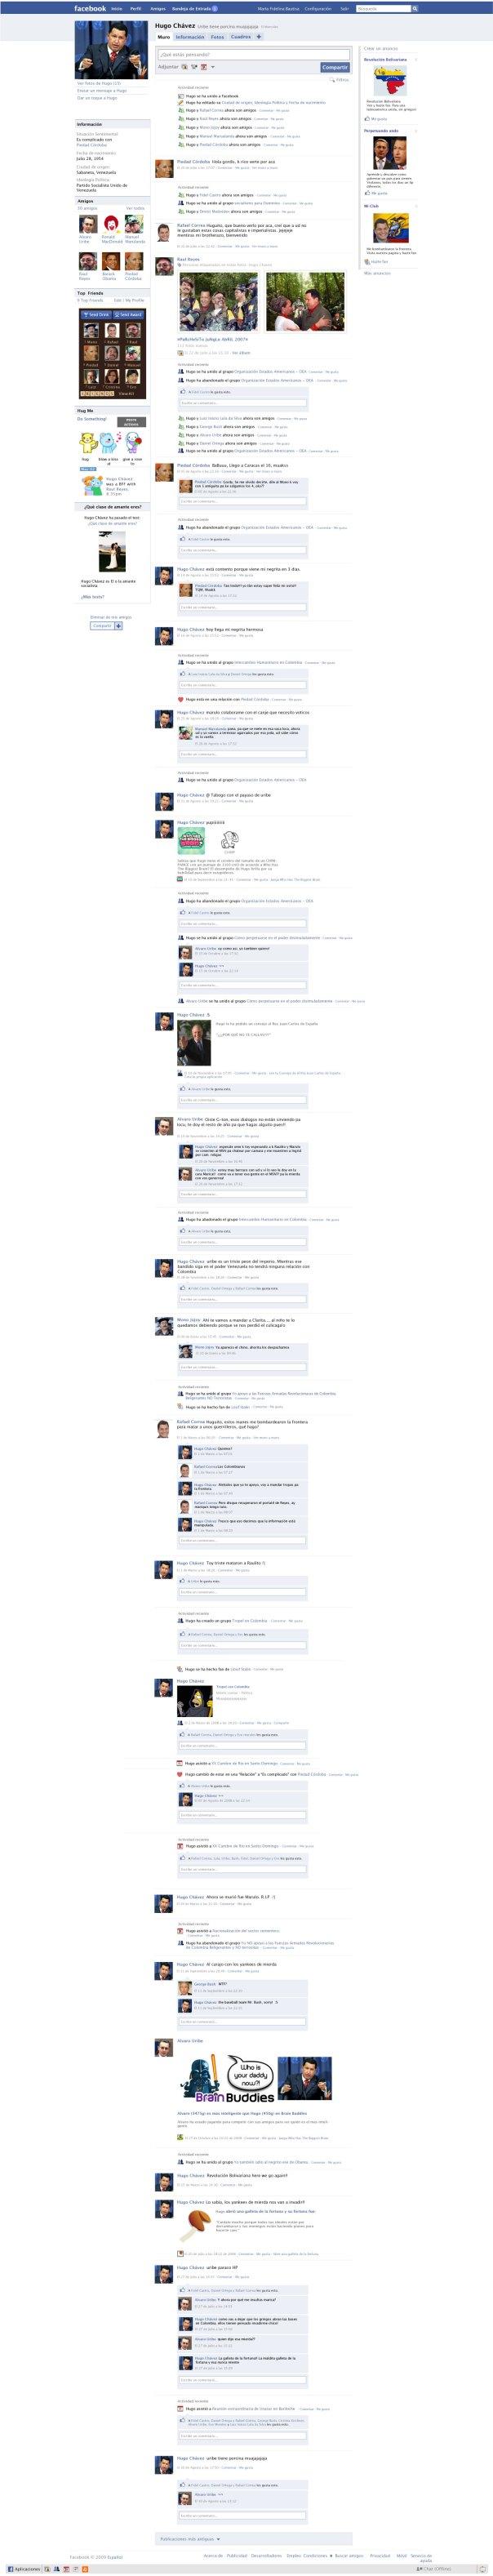 facebookchavez